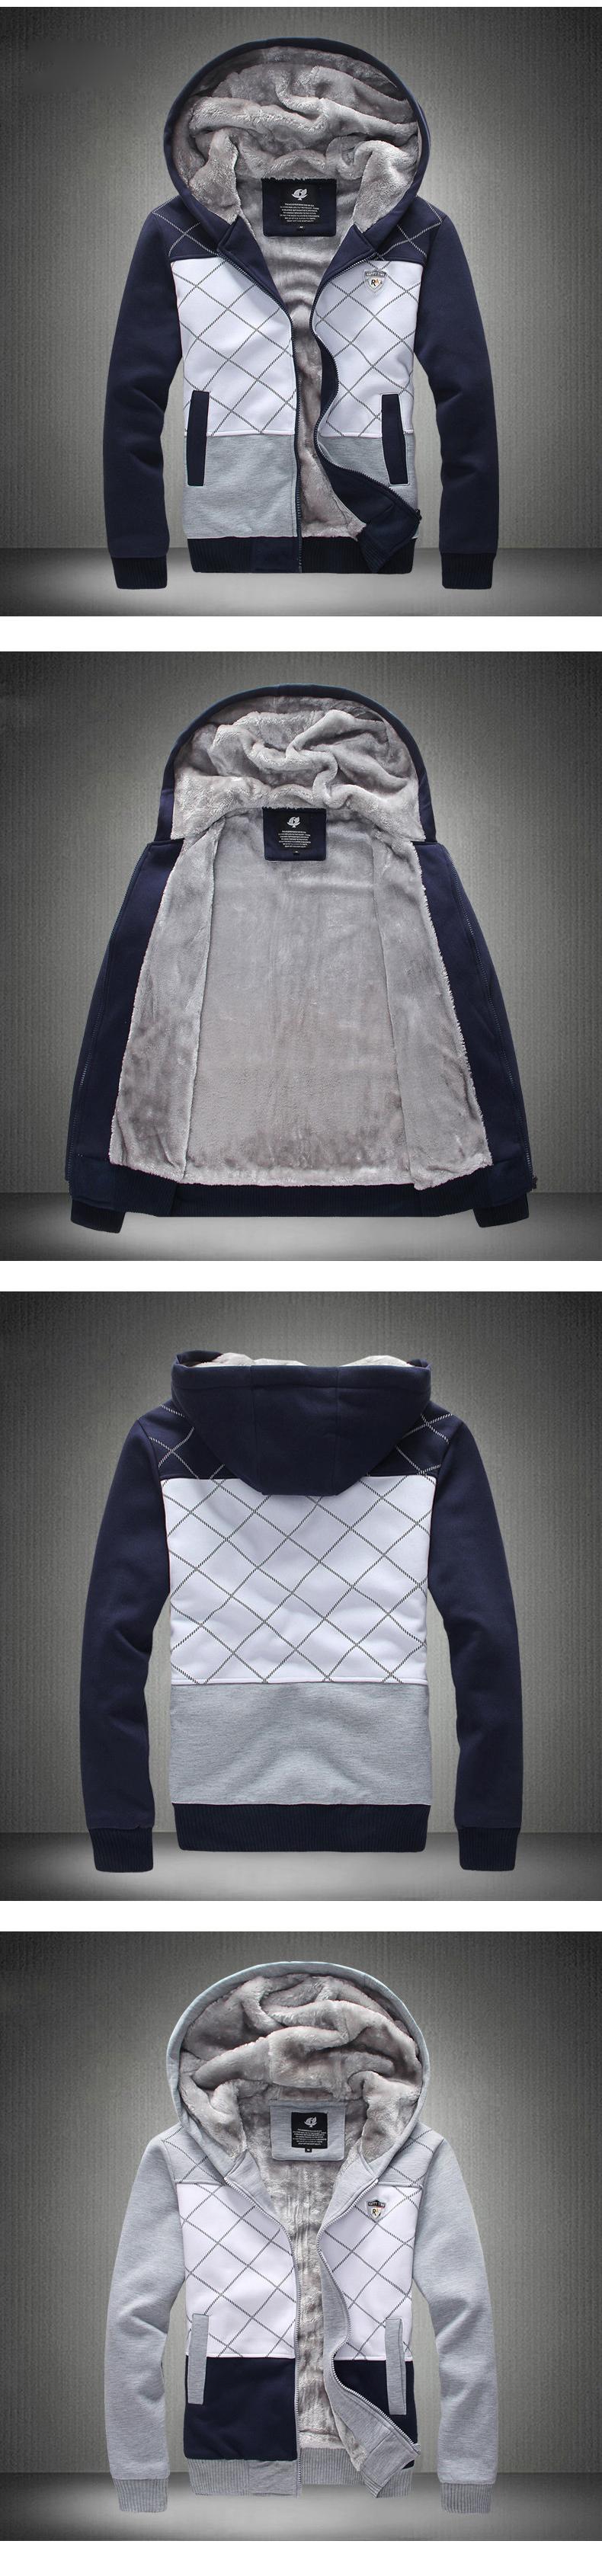 เสื้อกันหนาวแต่งฮู๊ด บุขนนุ่ม รุ่น 11343MM